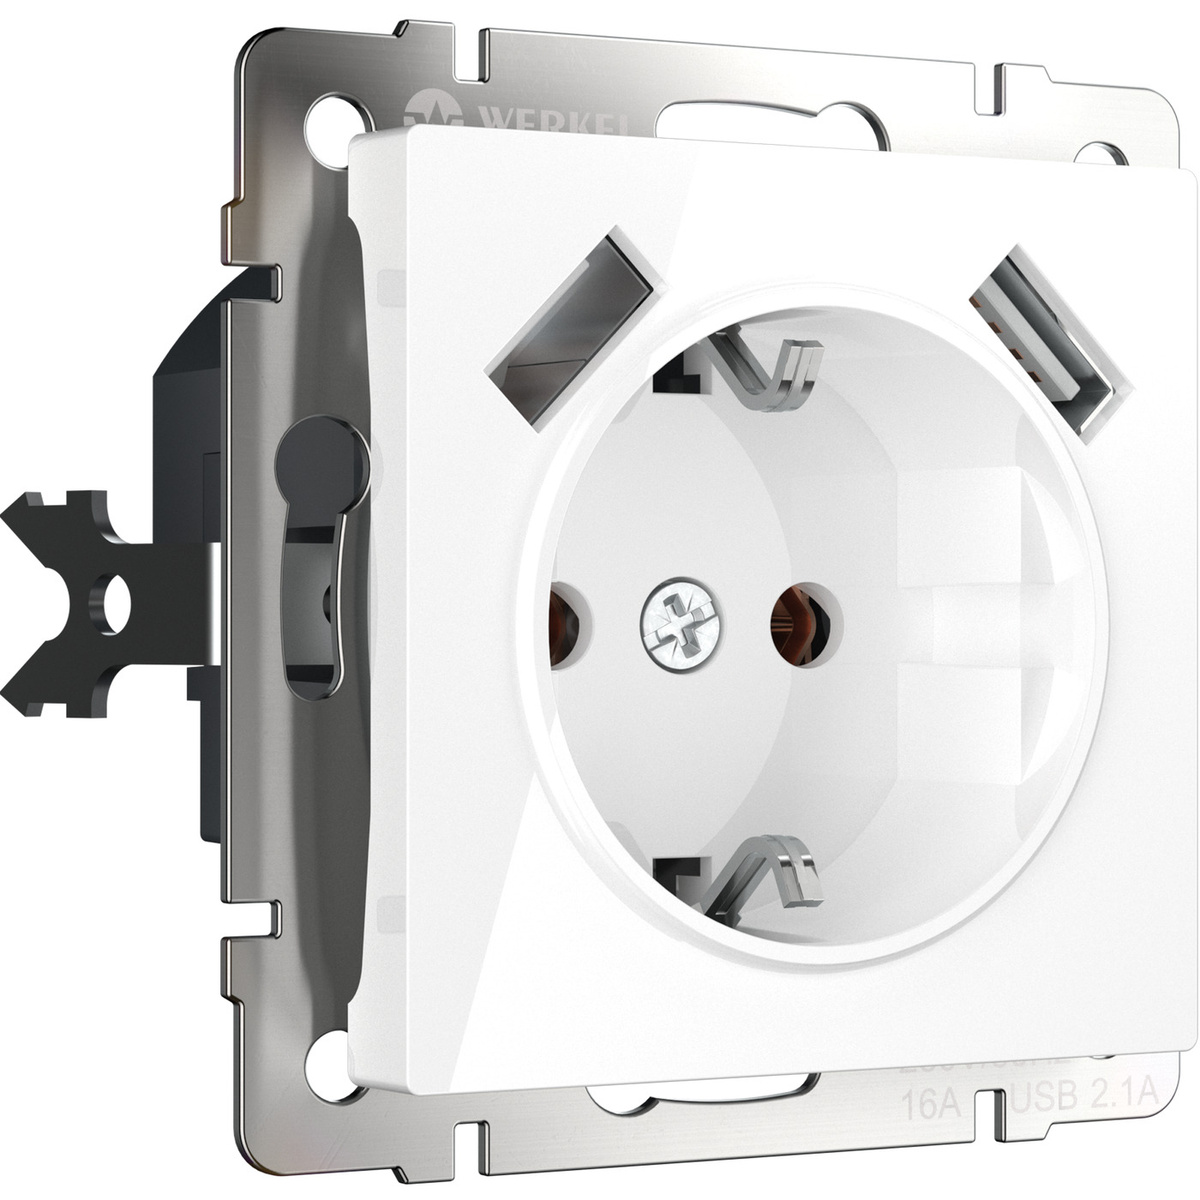 Розетка с заземлением, шторками и USBх2 (белая) Werkel WL01-SKGS-USBx2-IP20  #1